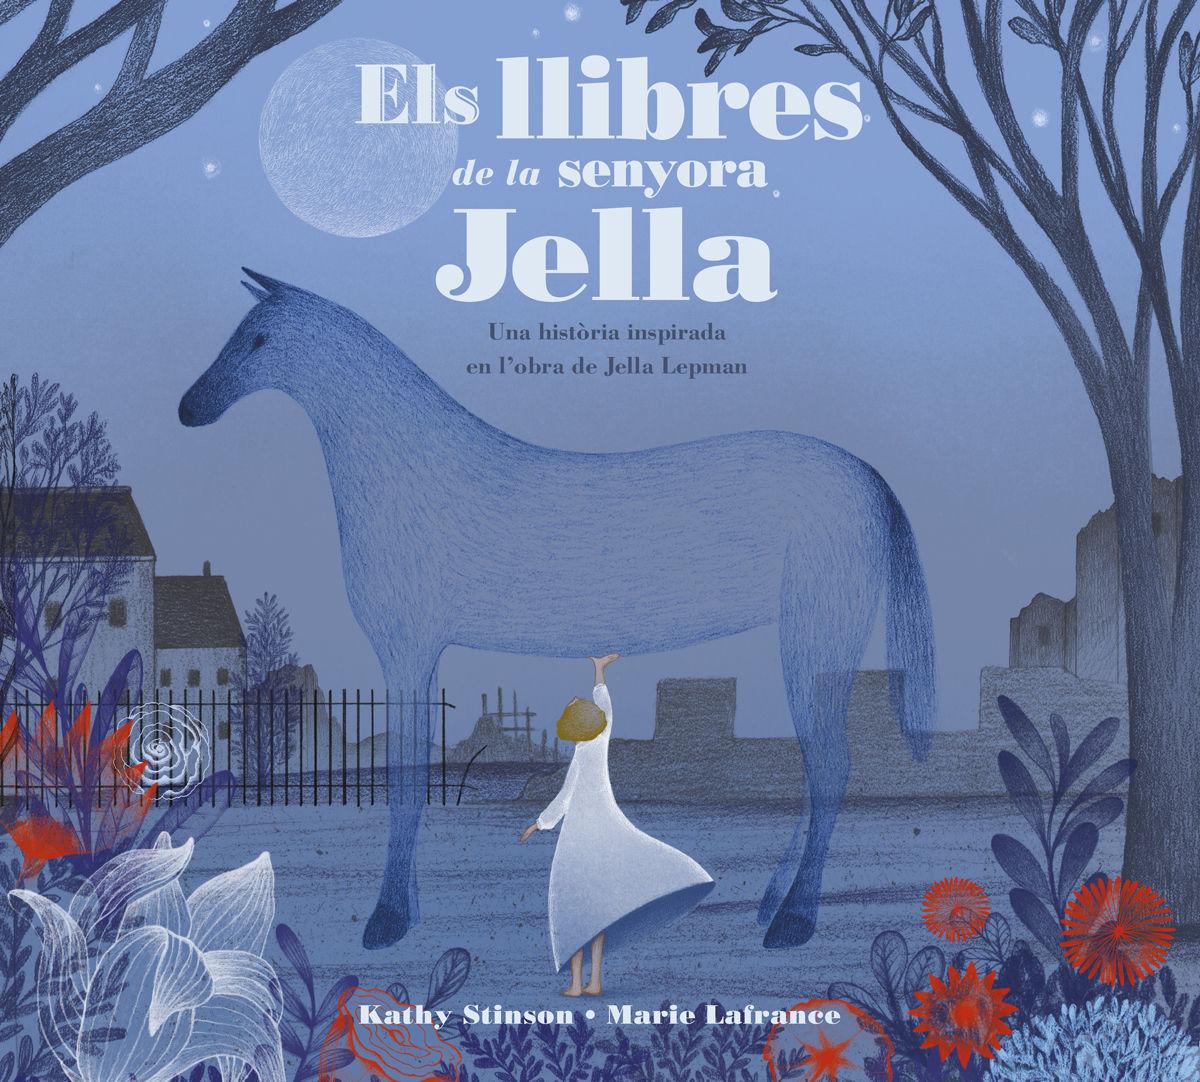 LLIBRES DE LA SENYORA JELLA